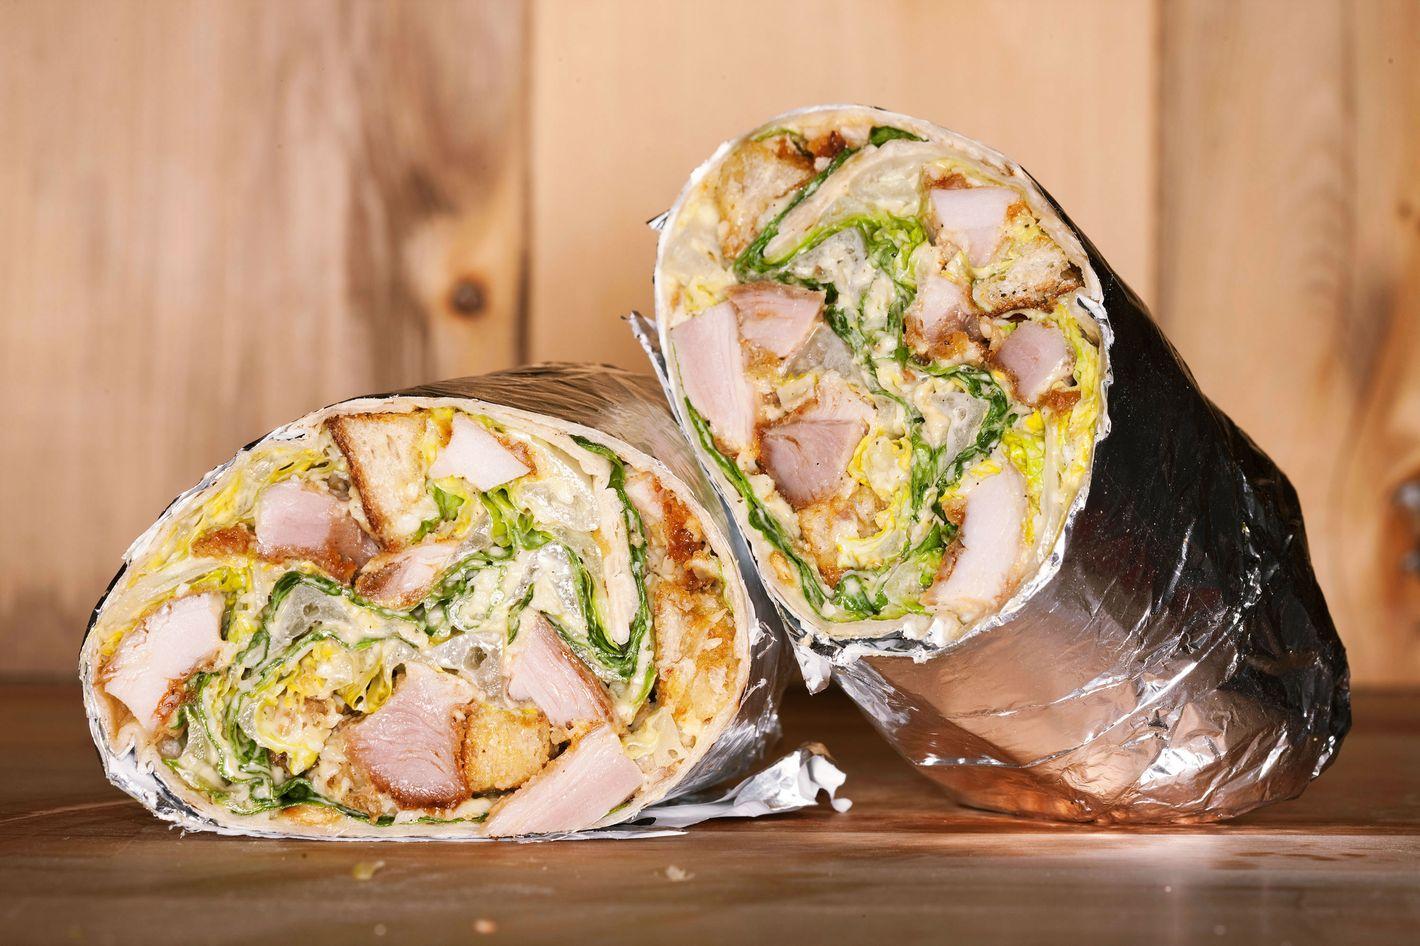 Chicken-Caesar wrap.